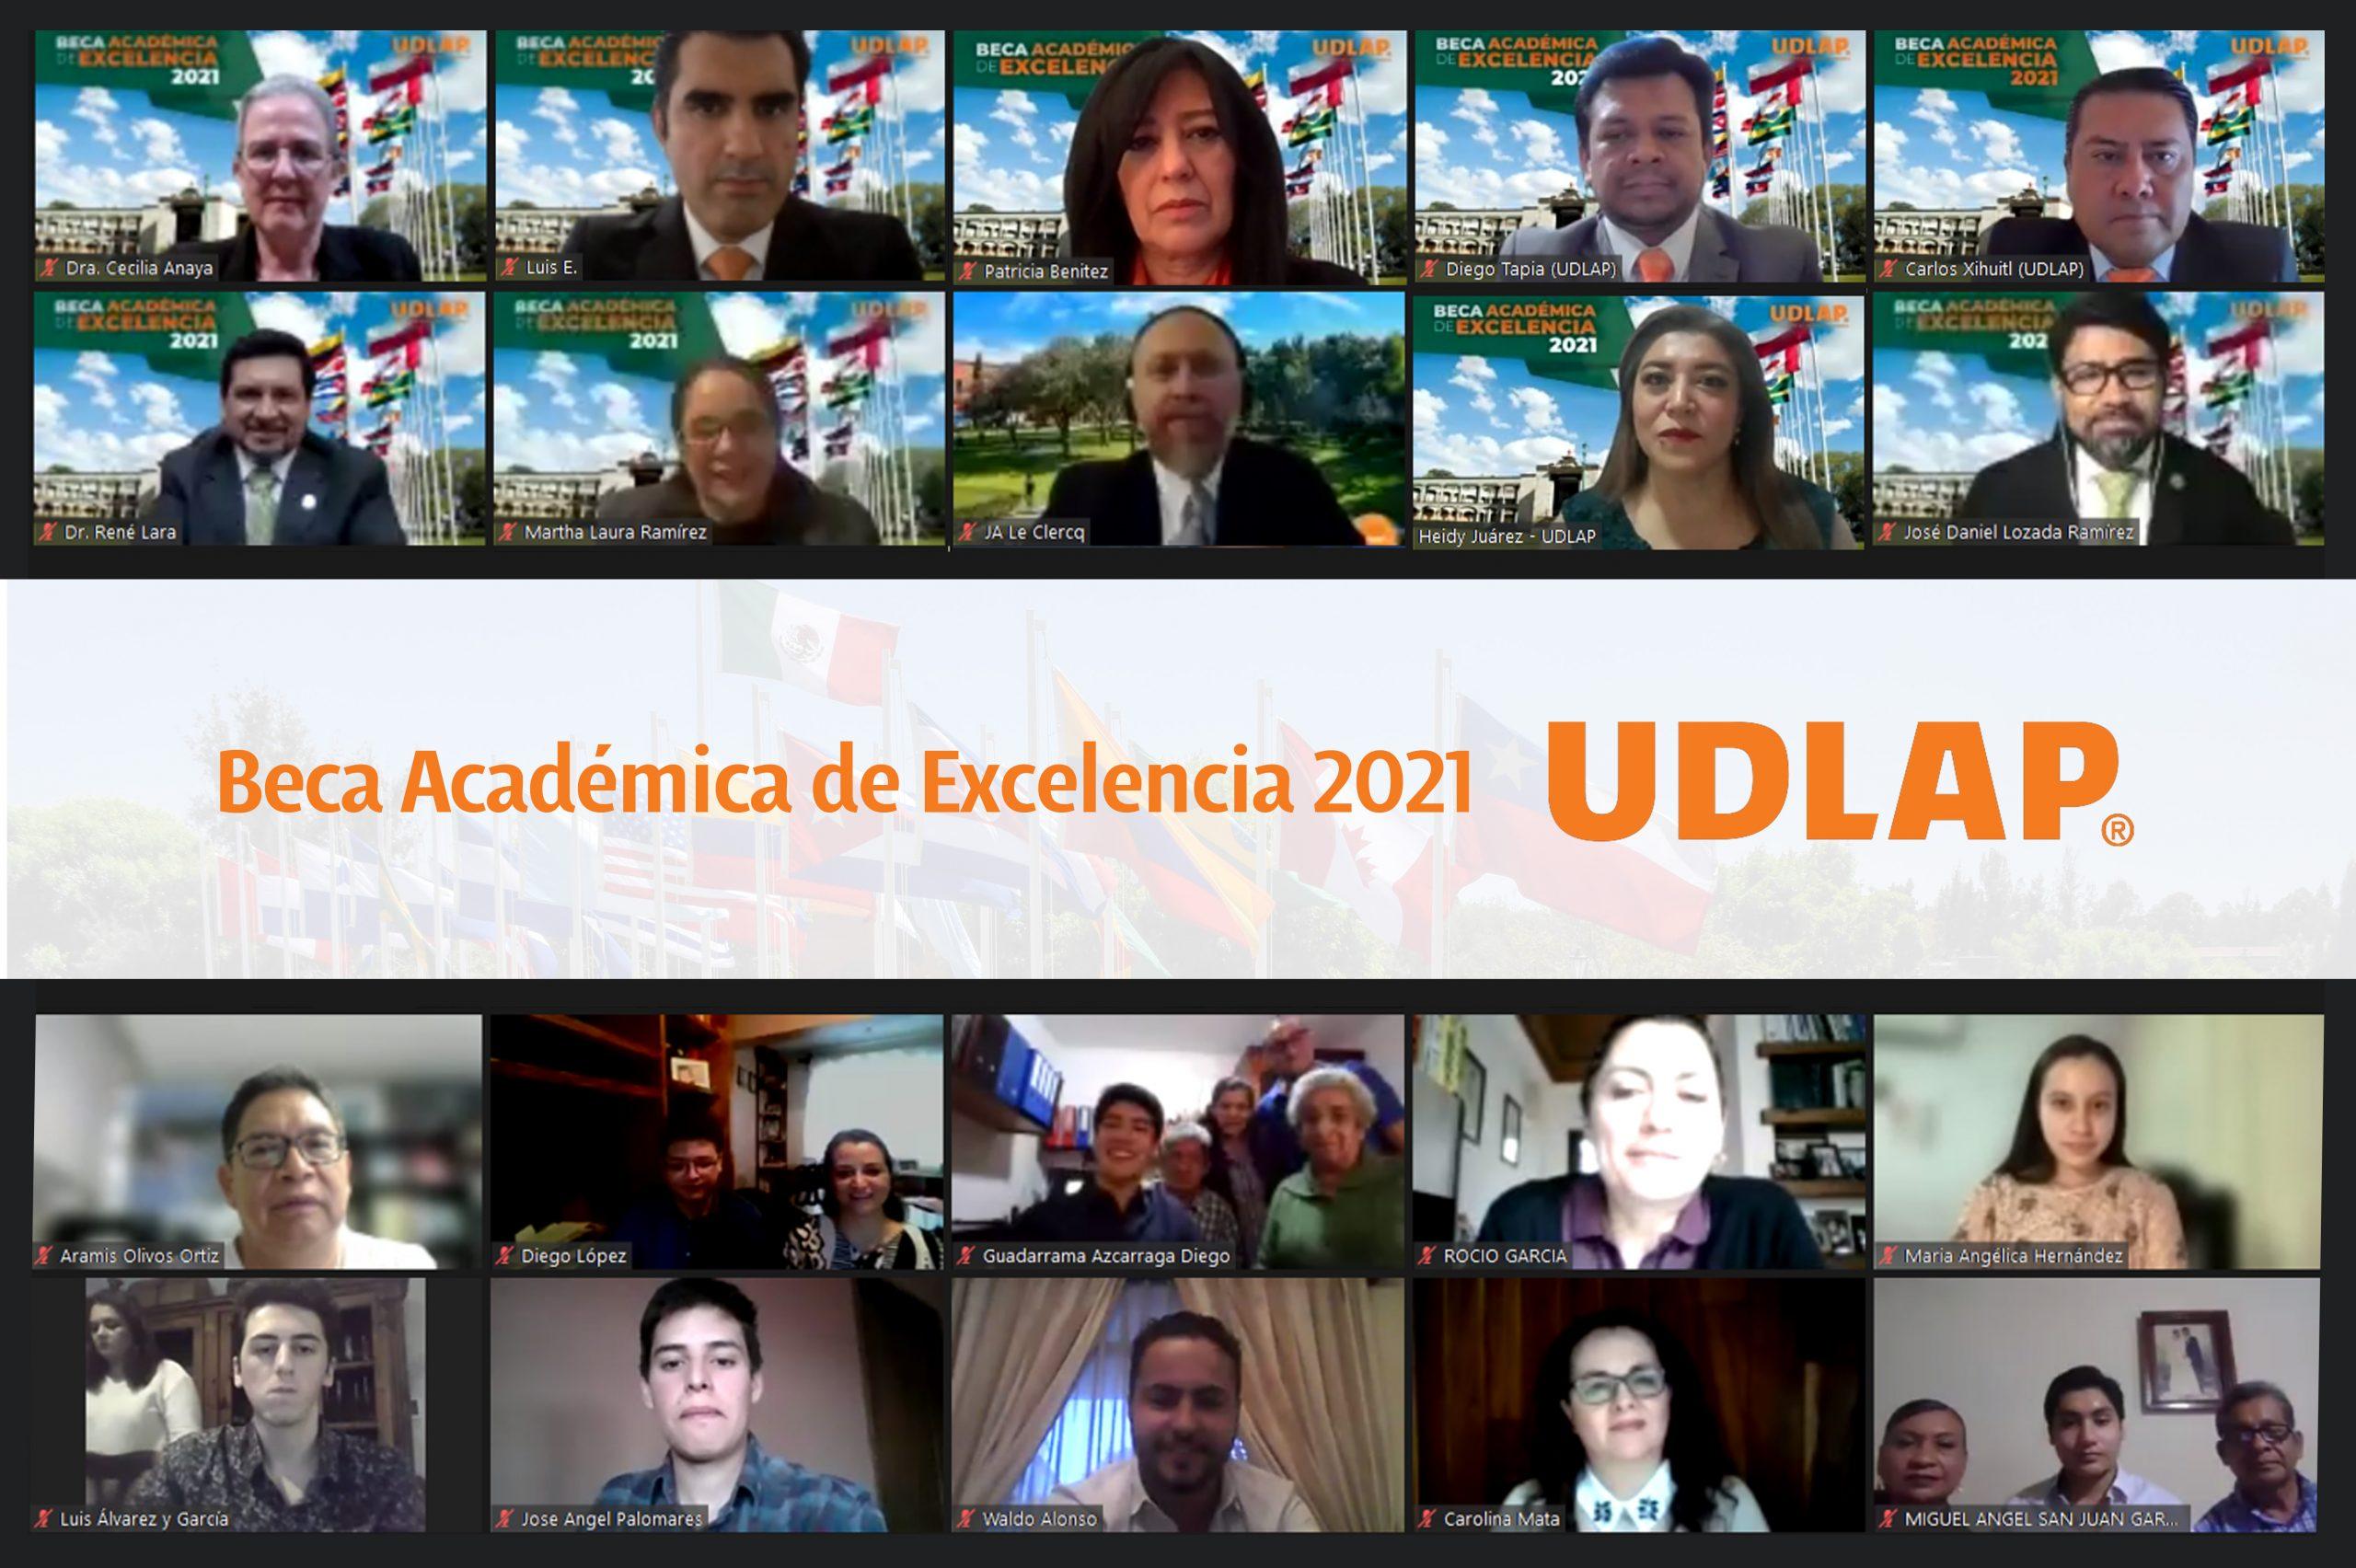 Estudiantes recibieron la Beca Académica de Excelencia de la UDLAP